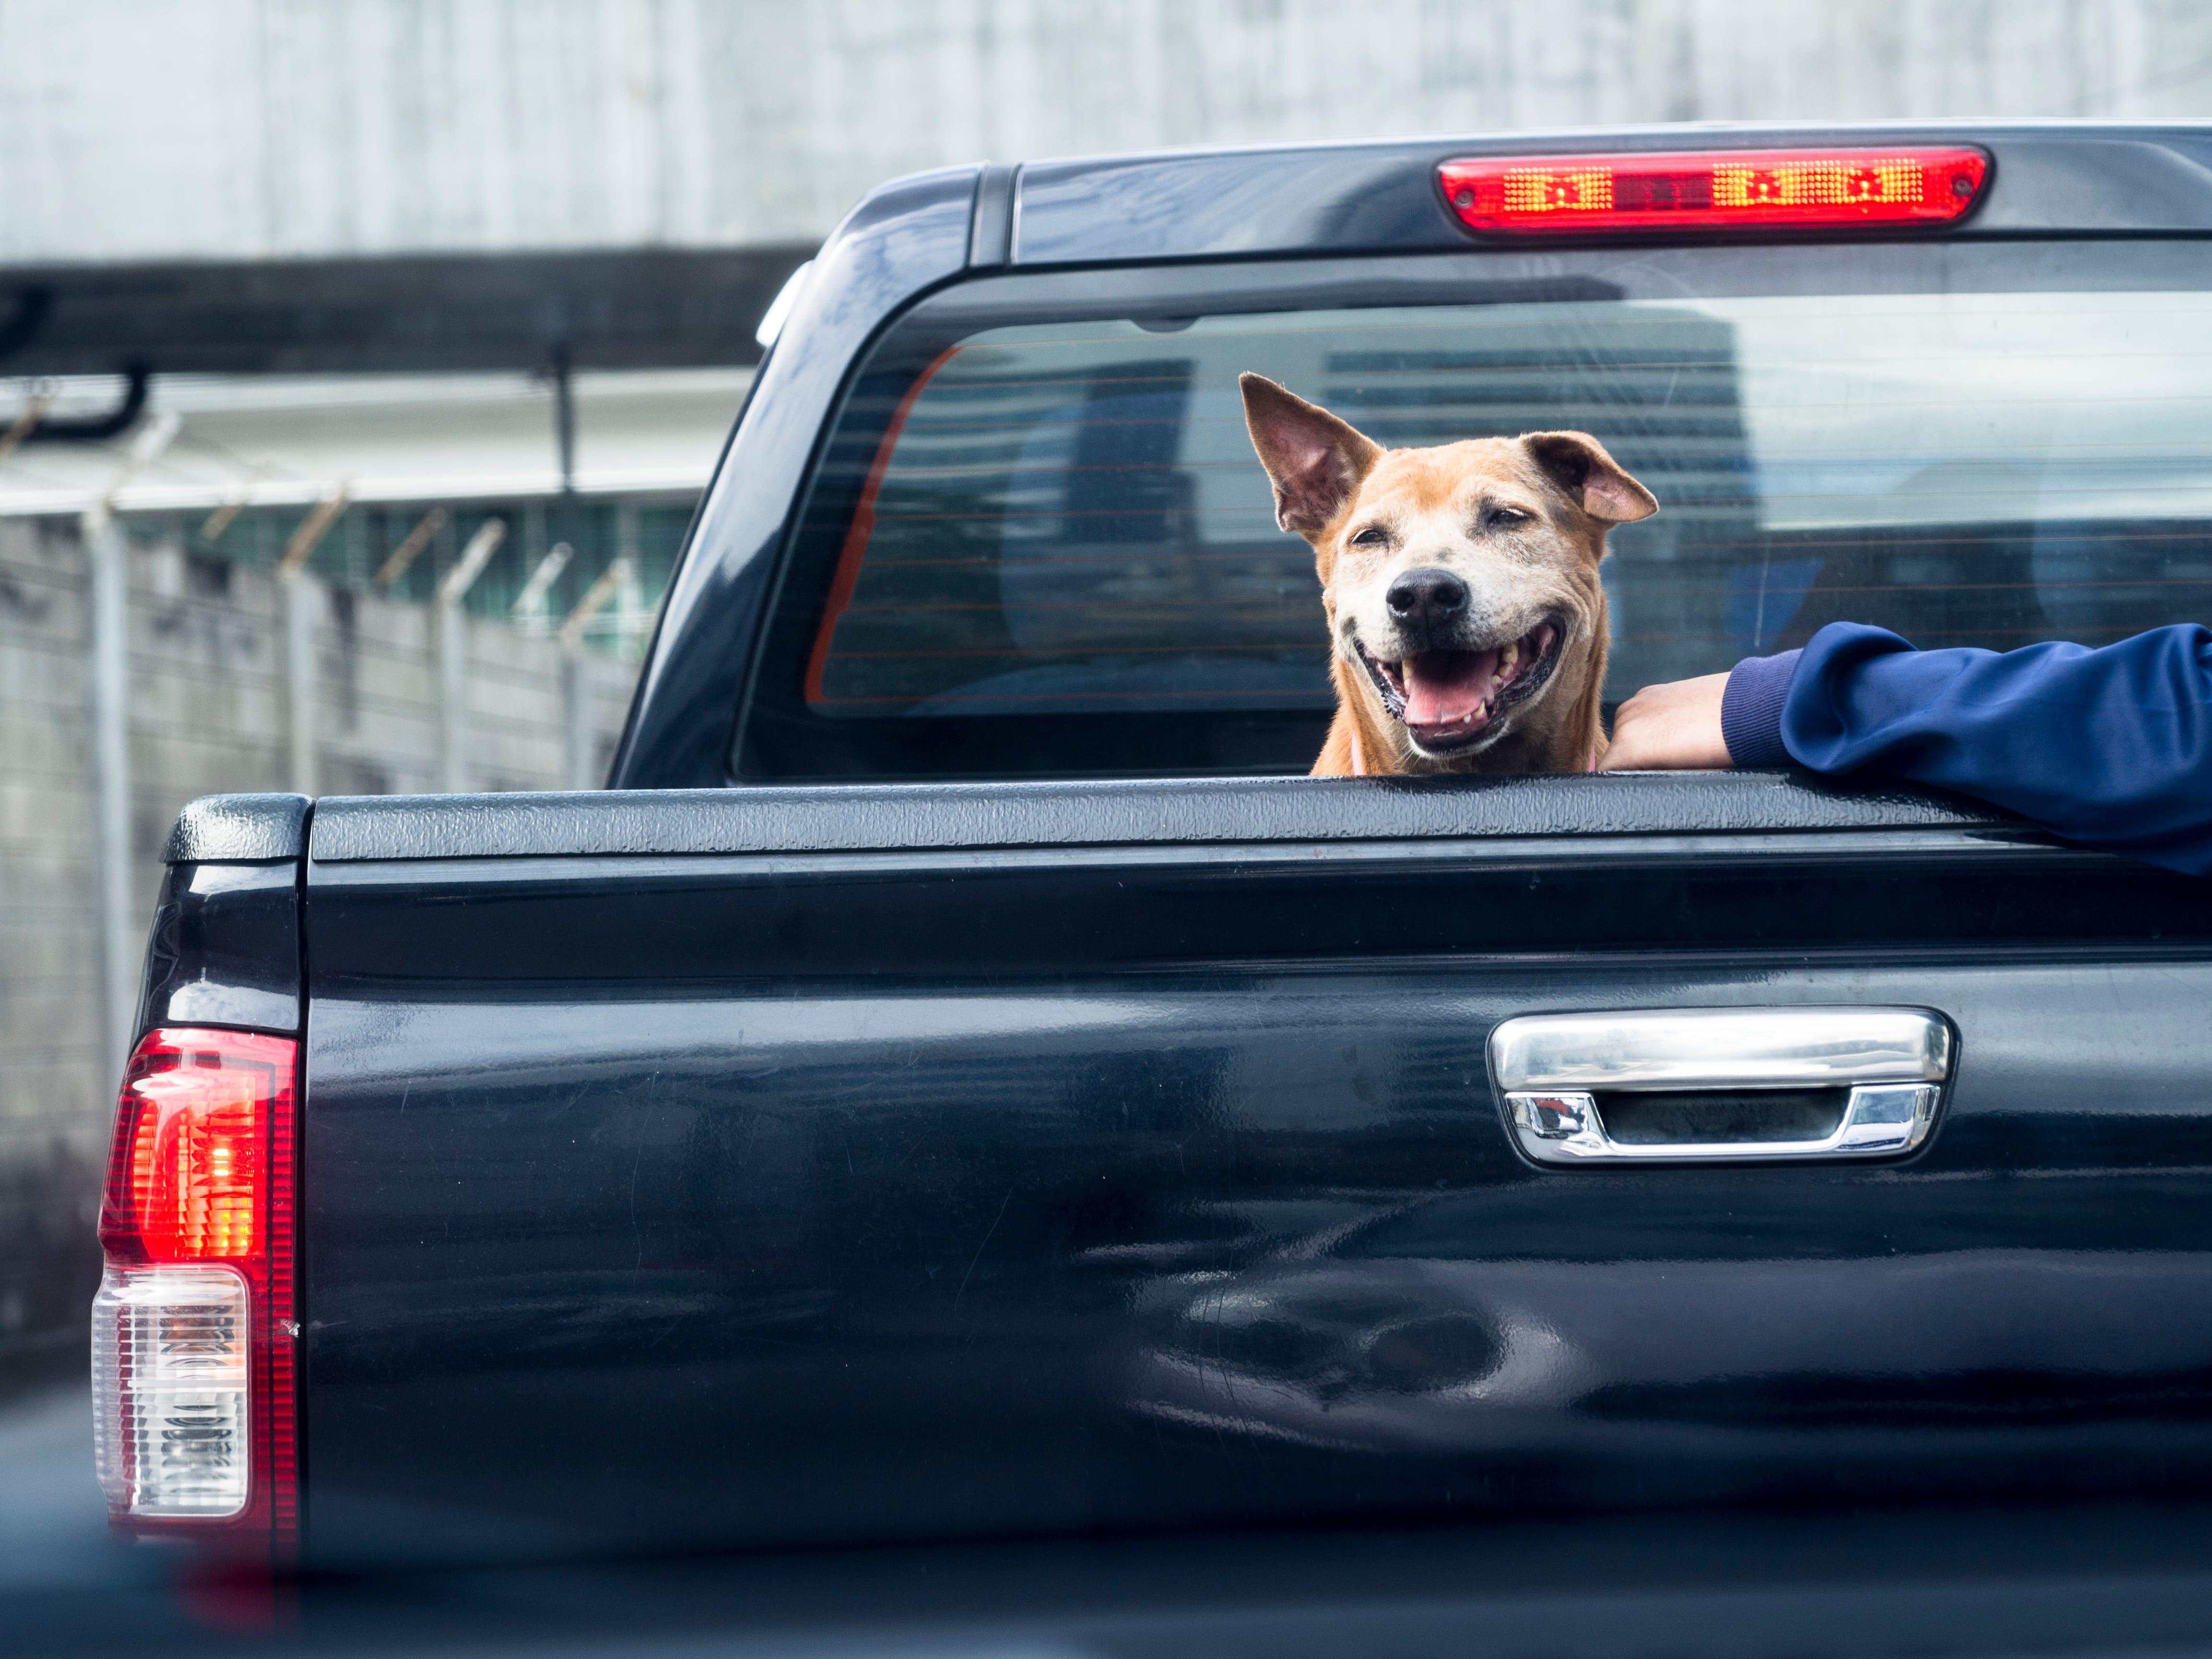 dog-on-black-pick-truck-back